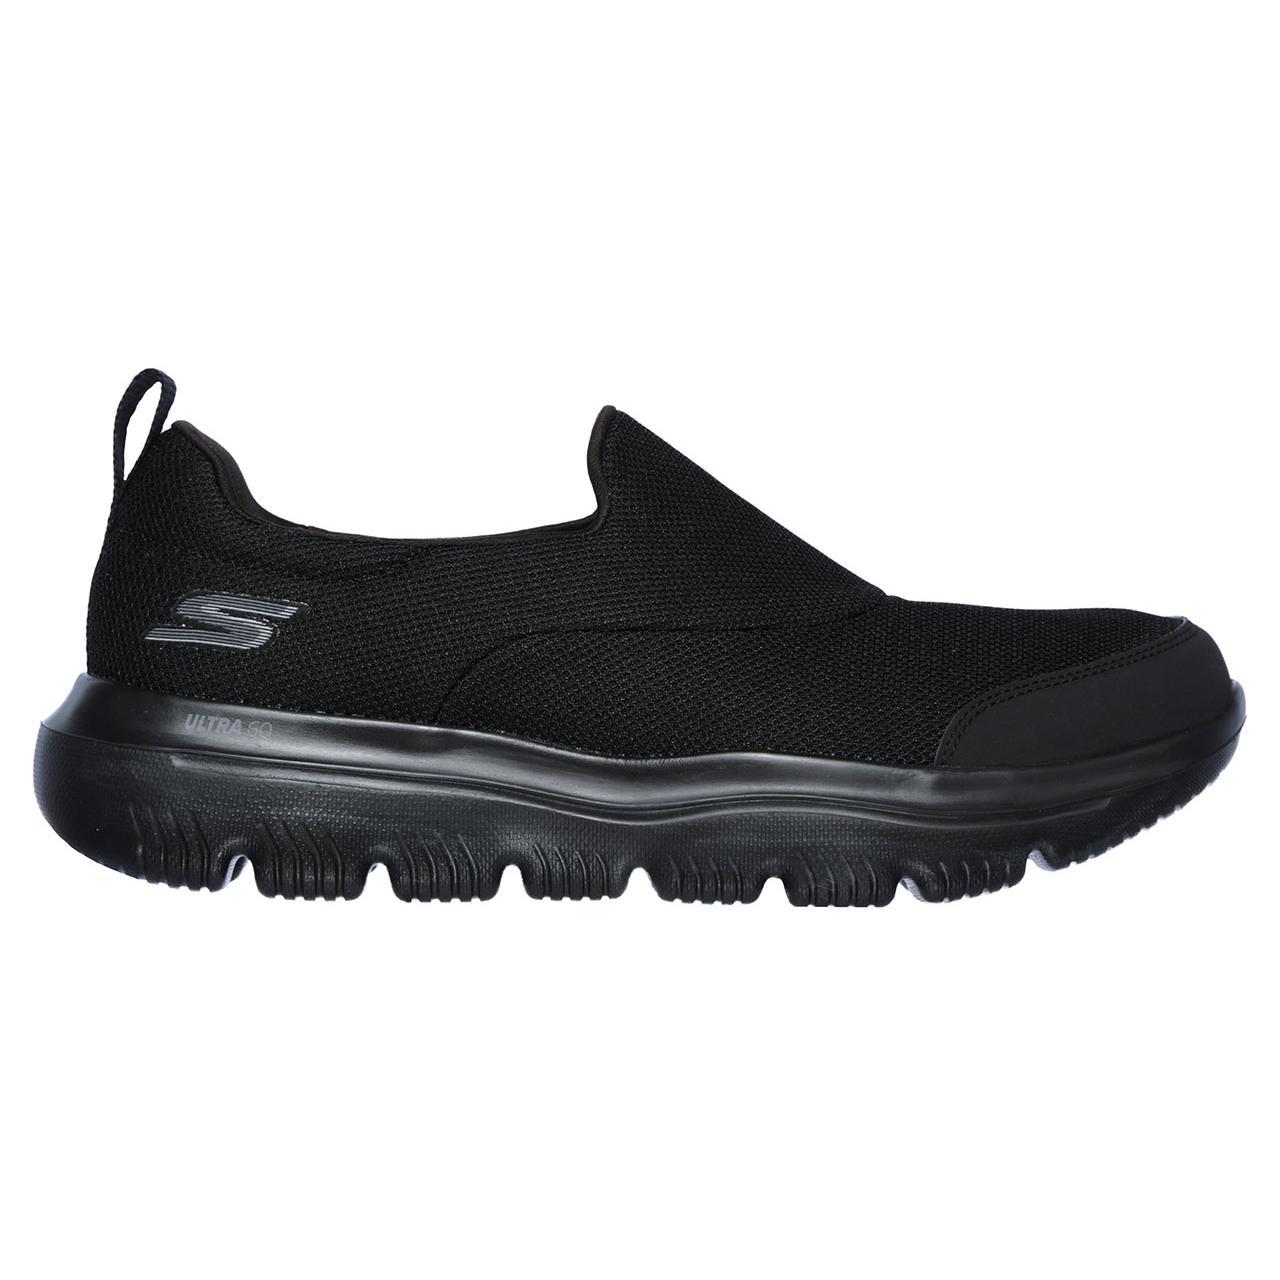 sale retailer 2f0e1 e90f9 Textil Slip On Hombre Zapatillas Negro Skechers bbk 54730 qORxtv